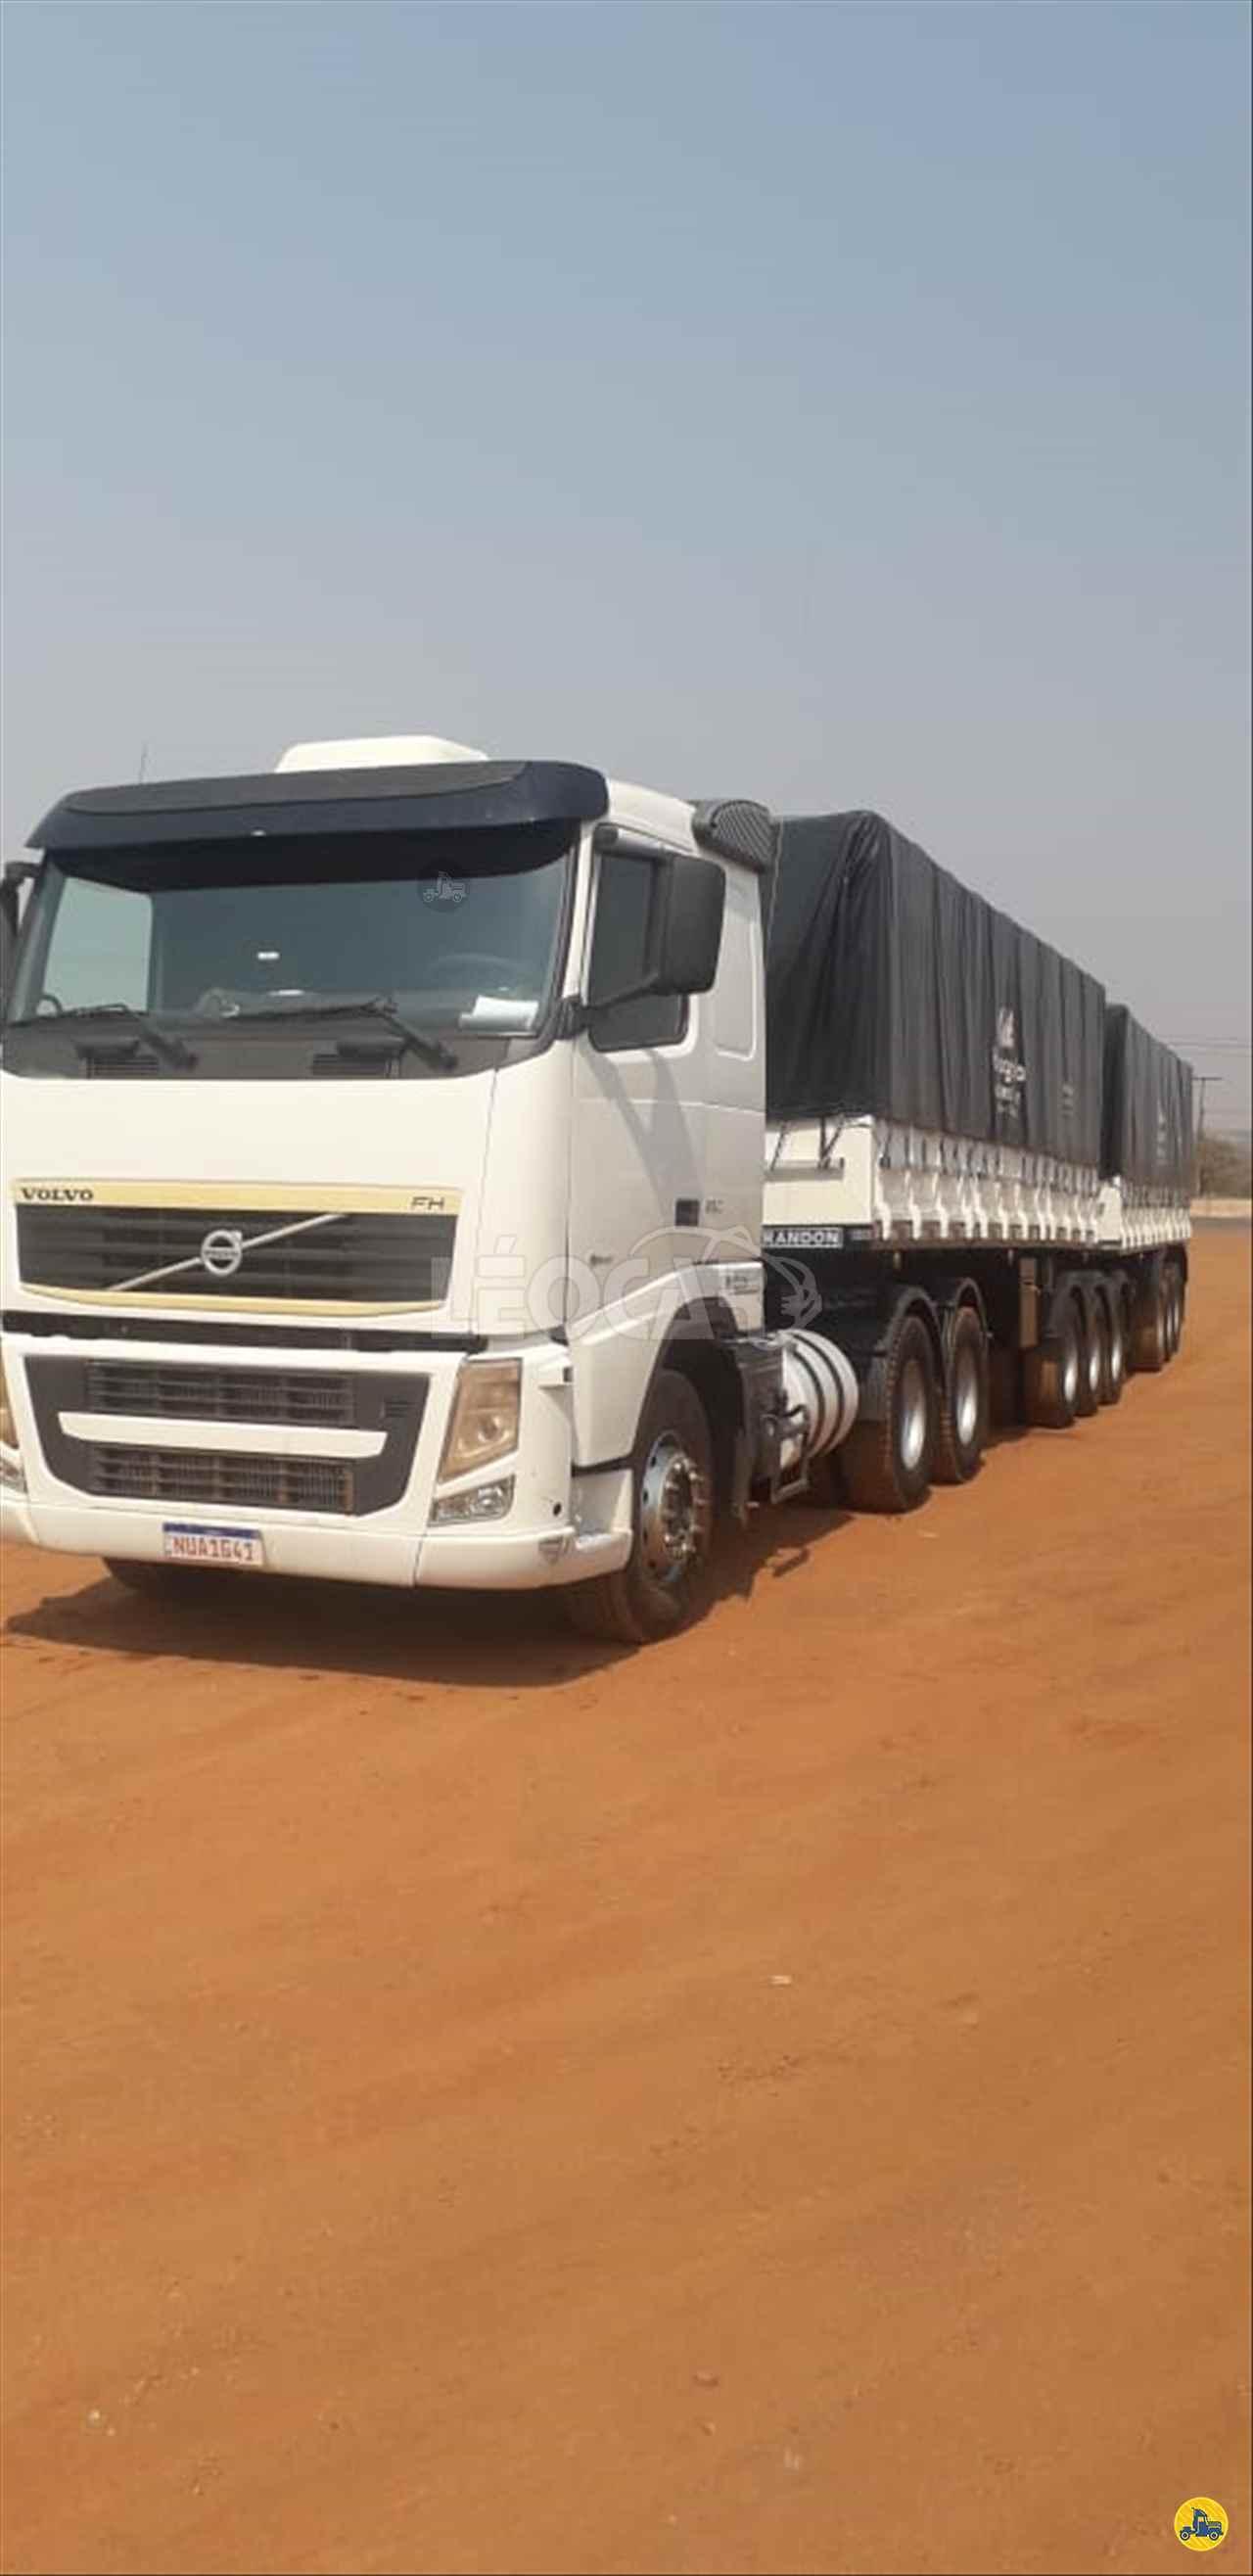 CAMINHAO VOLVO VOLVO FH 520 Graneleiro Traçado 6x4 Leocar Caminhões PRIMAVERA DO LESTE MATO GROSSO MT